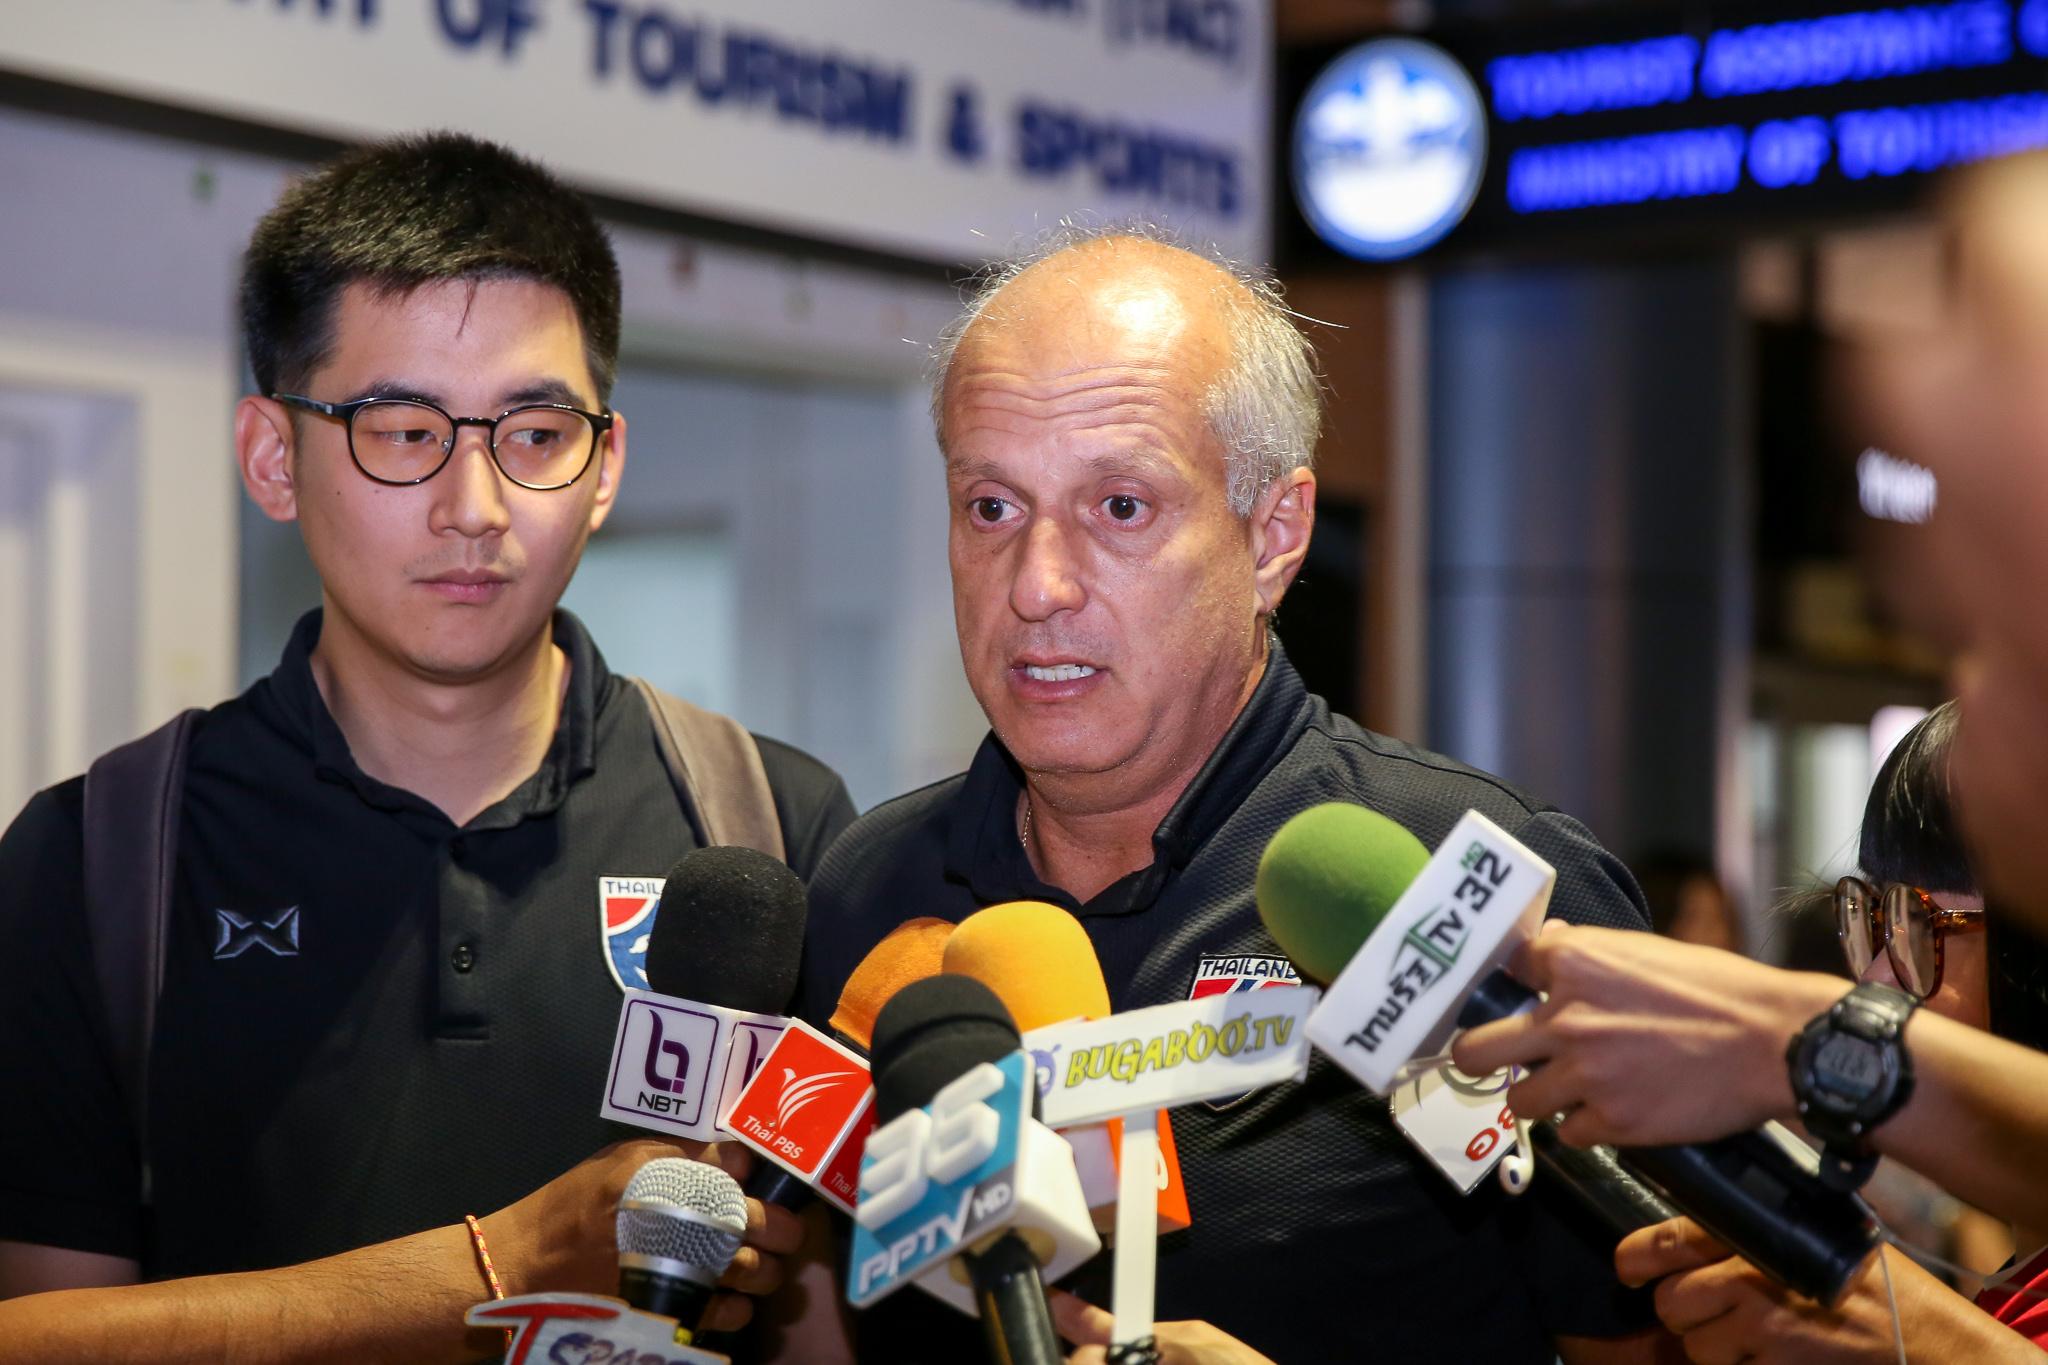 ชิงแชมป์เอเชีย 2020 รุ่นอายุไม่เกิน 23 ปี ทีมชาติไทย U23 อเล็กซานเดร กามา